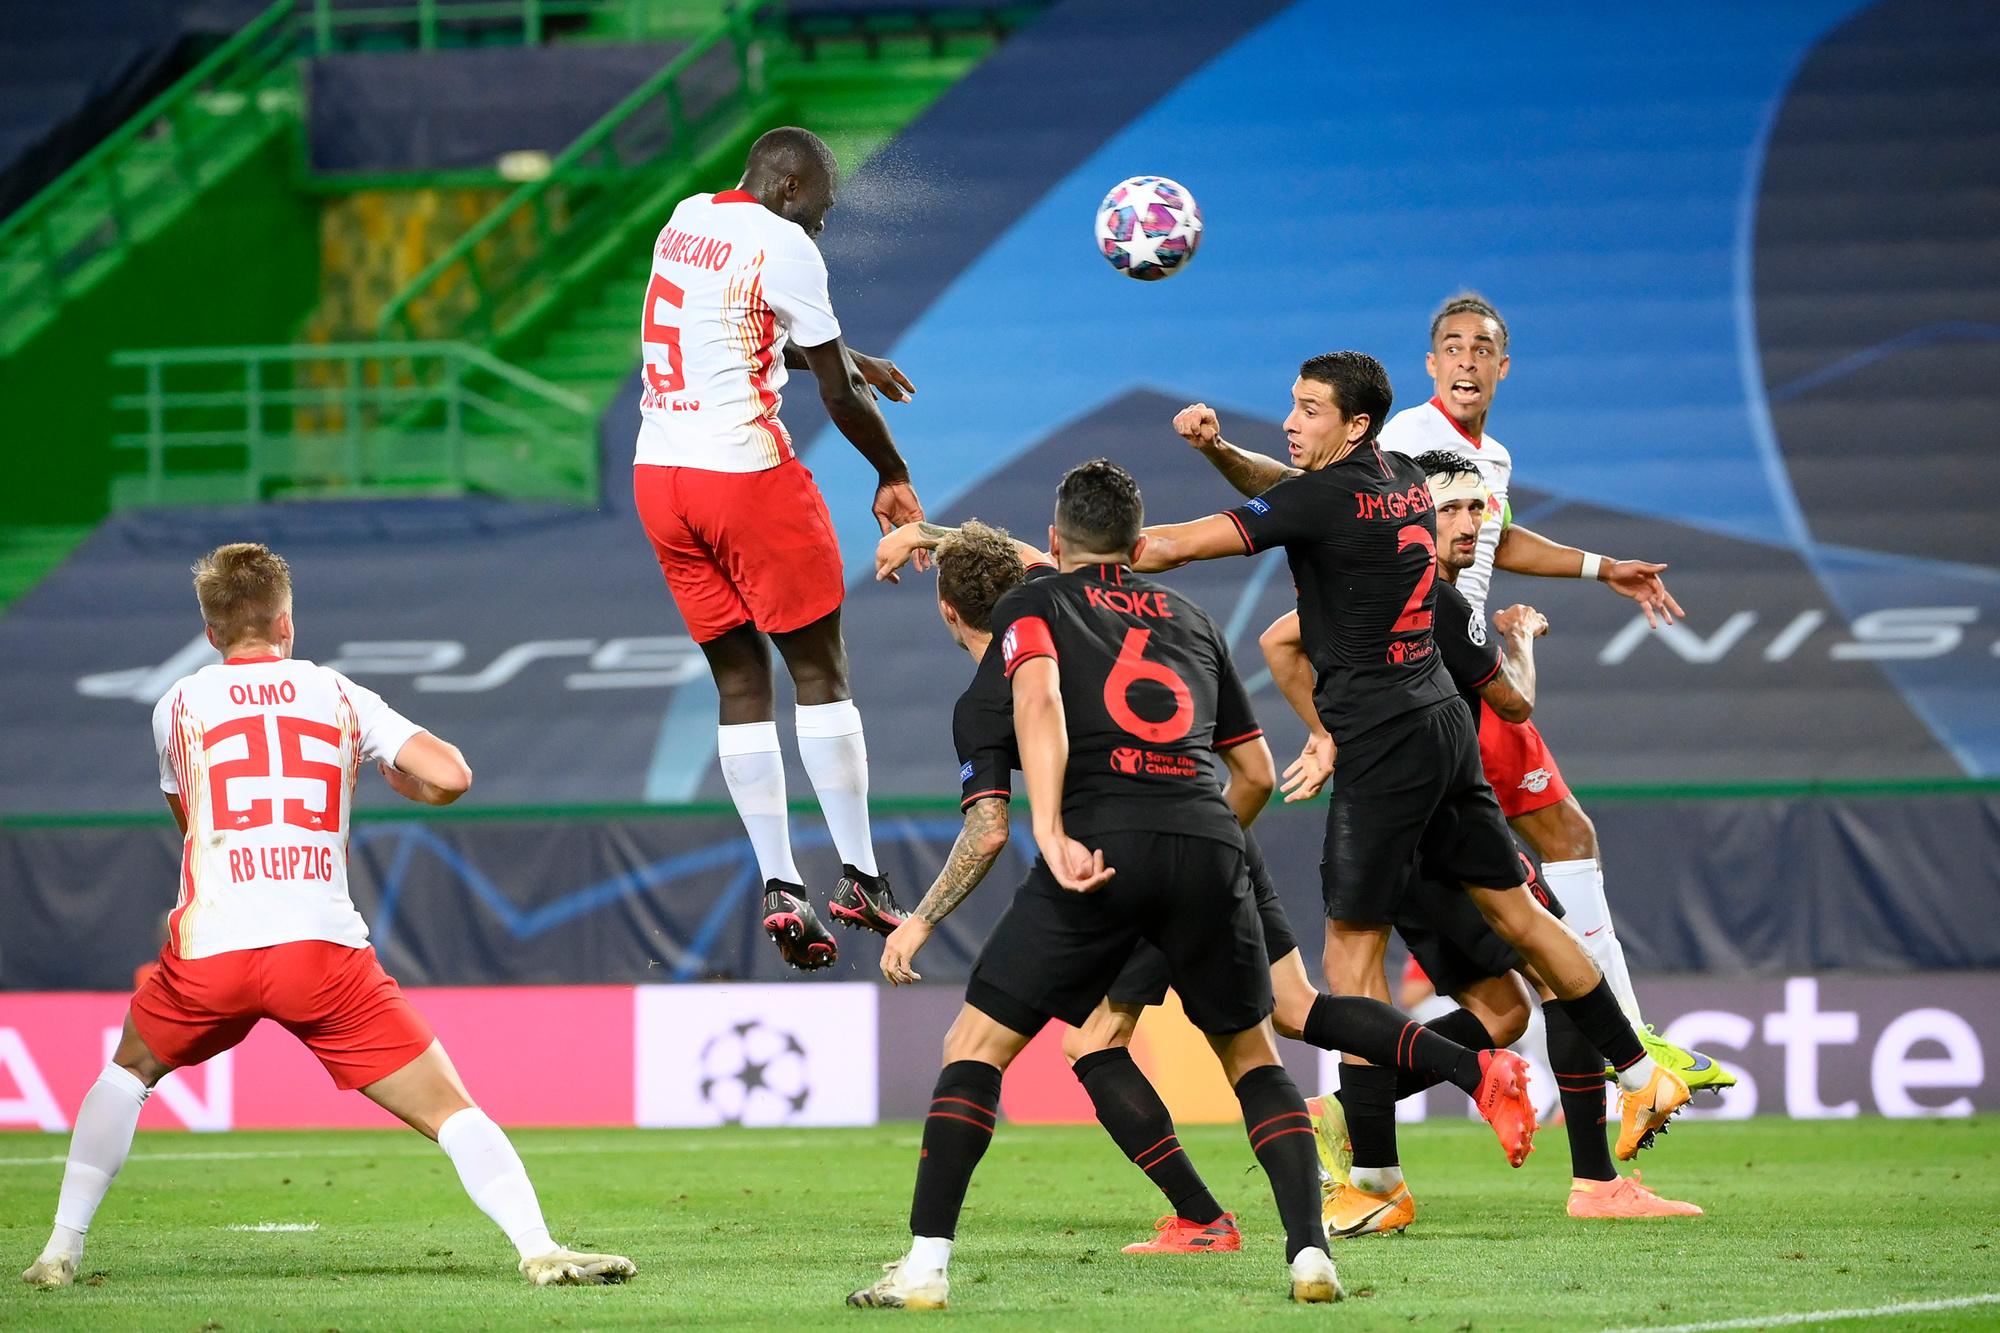 De Atléticospelers komen zelfs niet in de buurt als Upamecano springt., GETTY